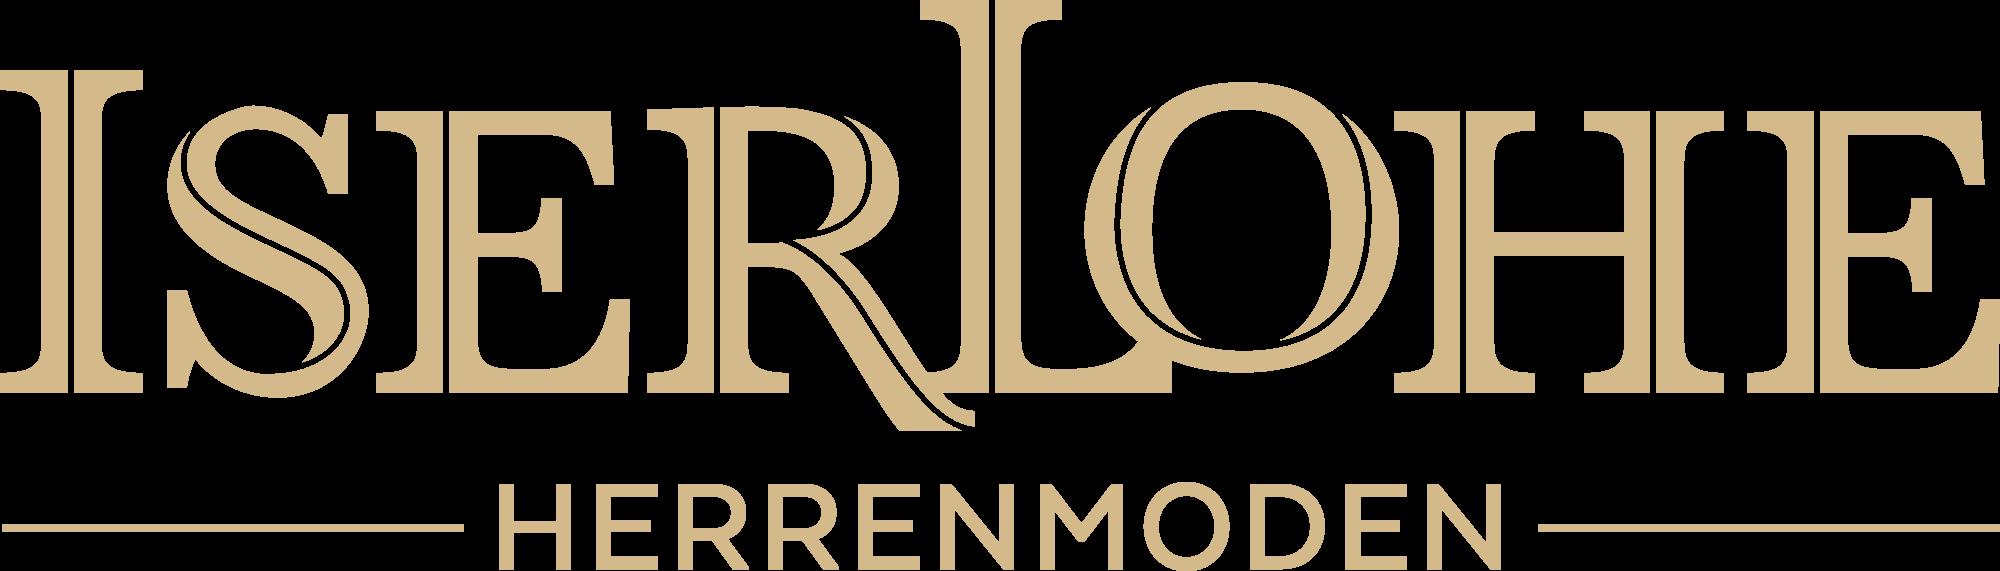 Logo Herrenmode Iserlohe